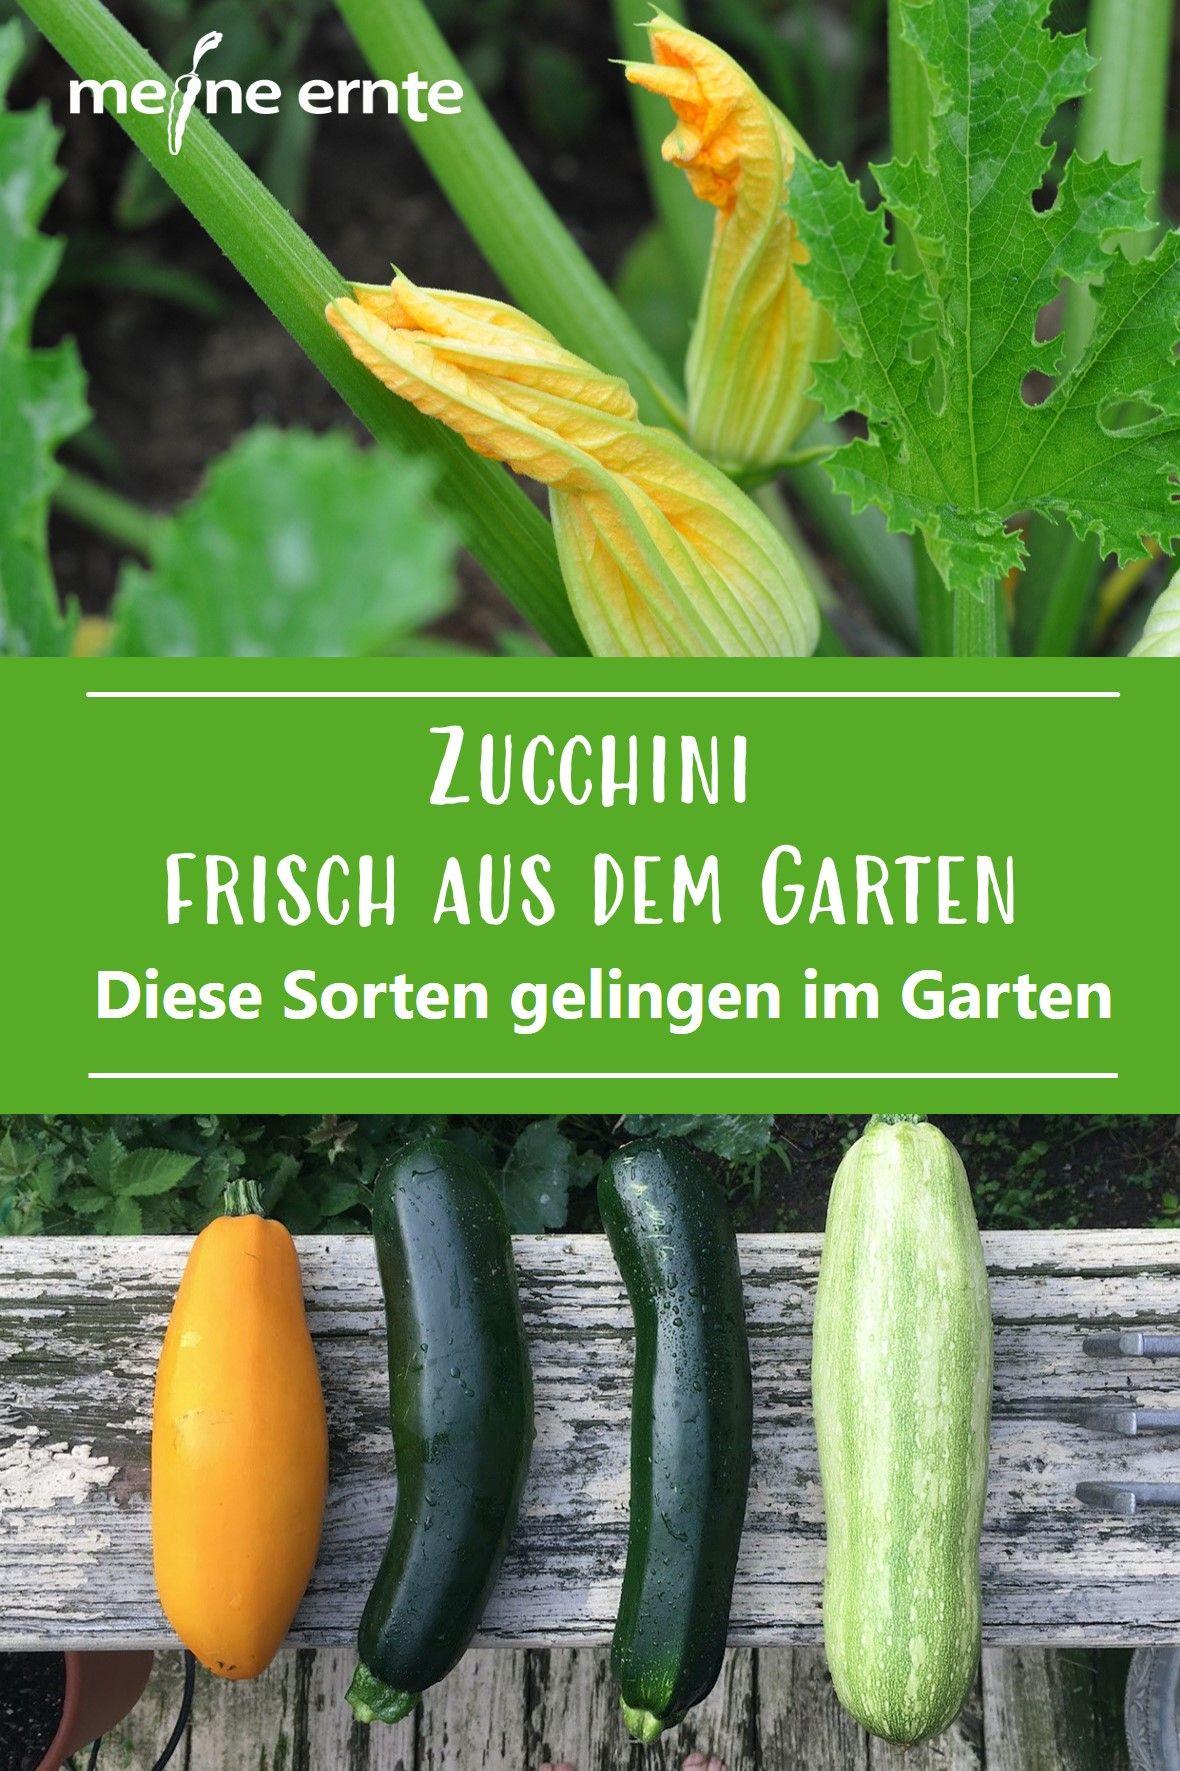 Zucchini Frisch Aus Dem Garten In 2020 Zucchini Garten Bauerngarten